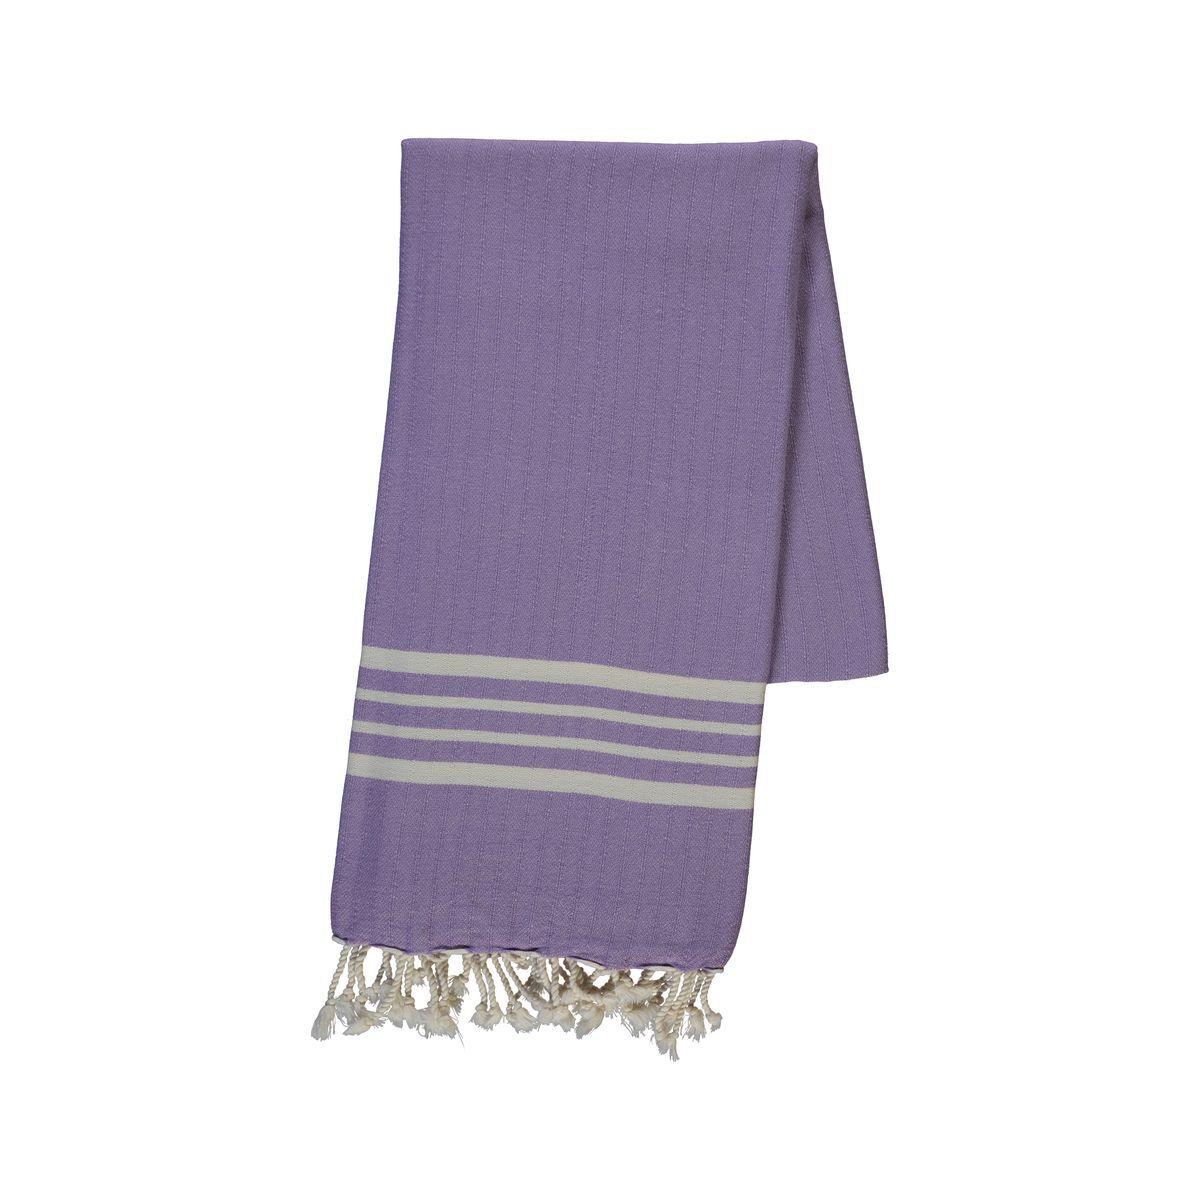 Peshtemal Sultan - Dark Lilac